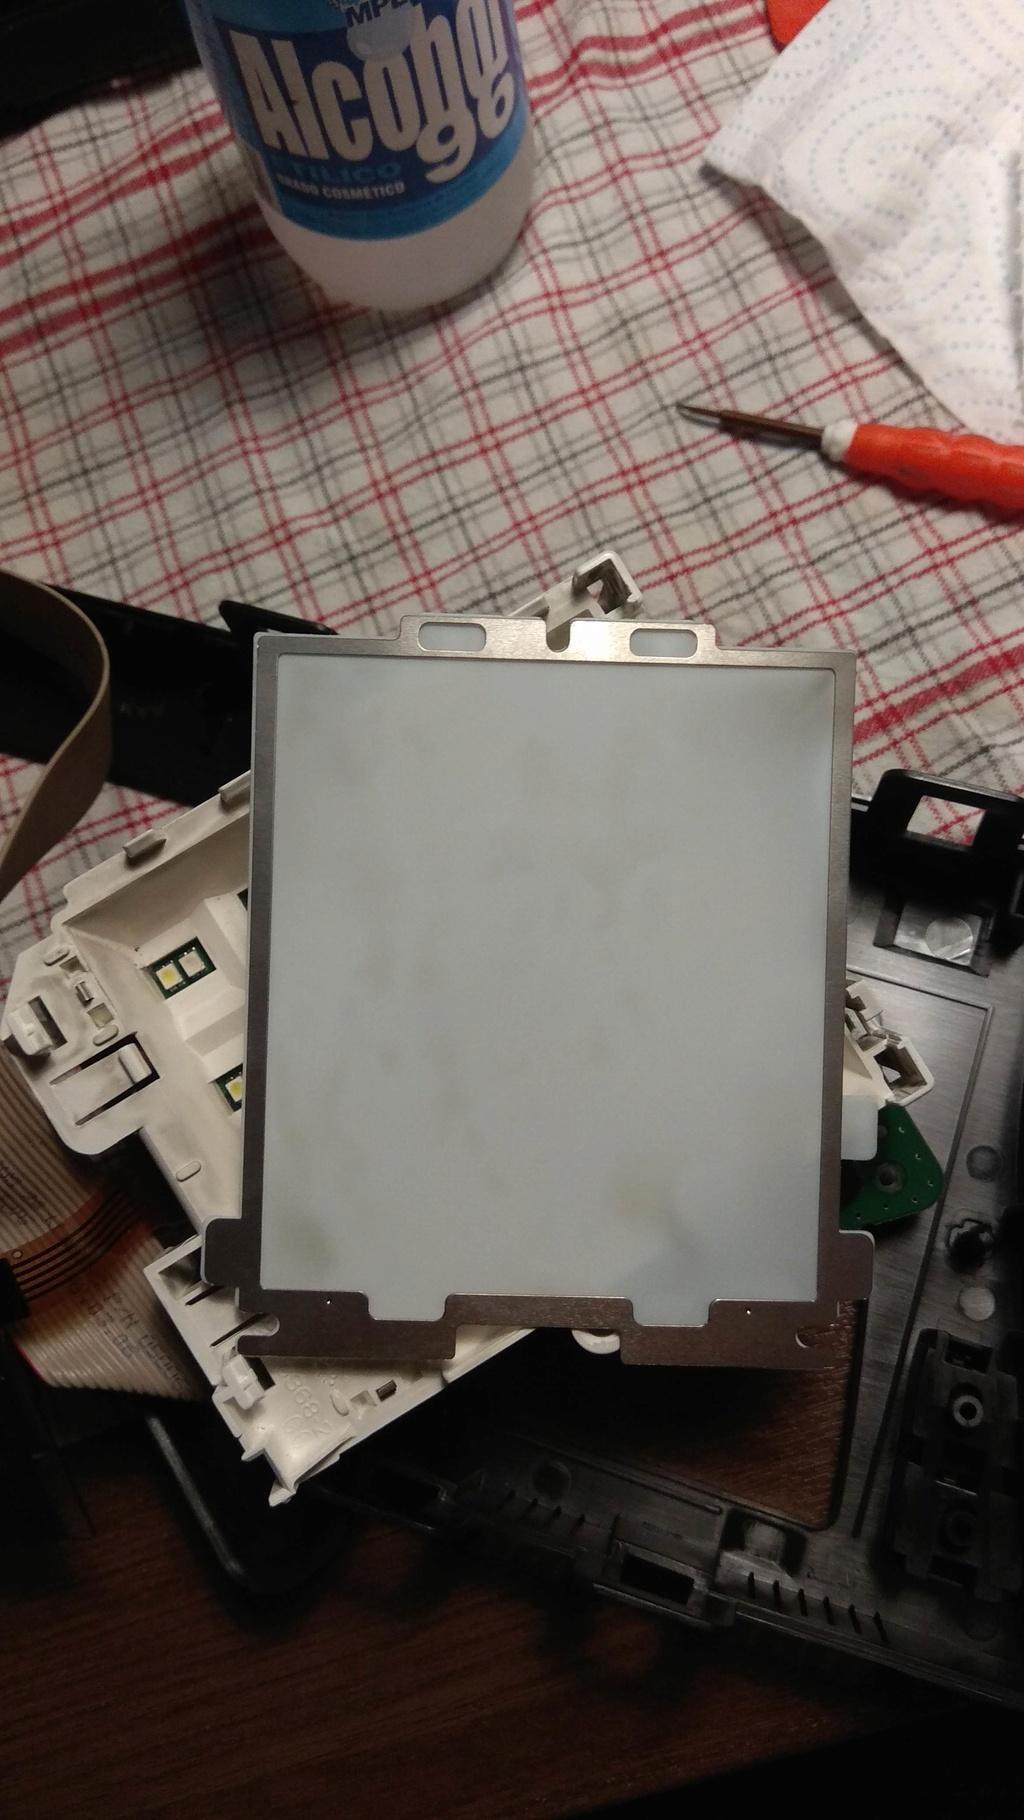 como limpiar la pantalla de informacion de velocidad, revoluciones, marchas etc  Img_2012